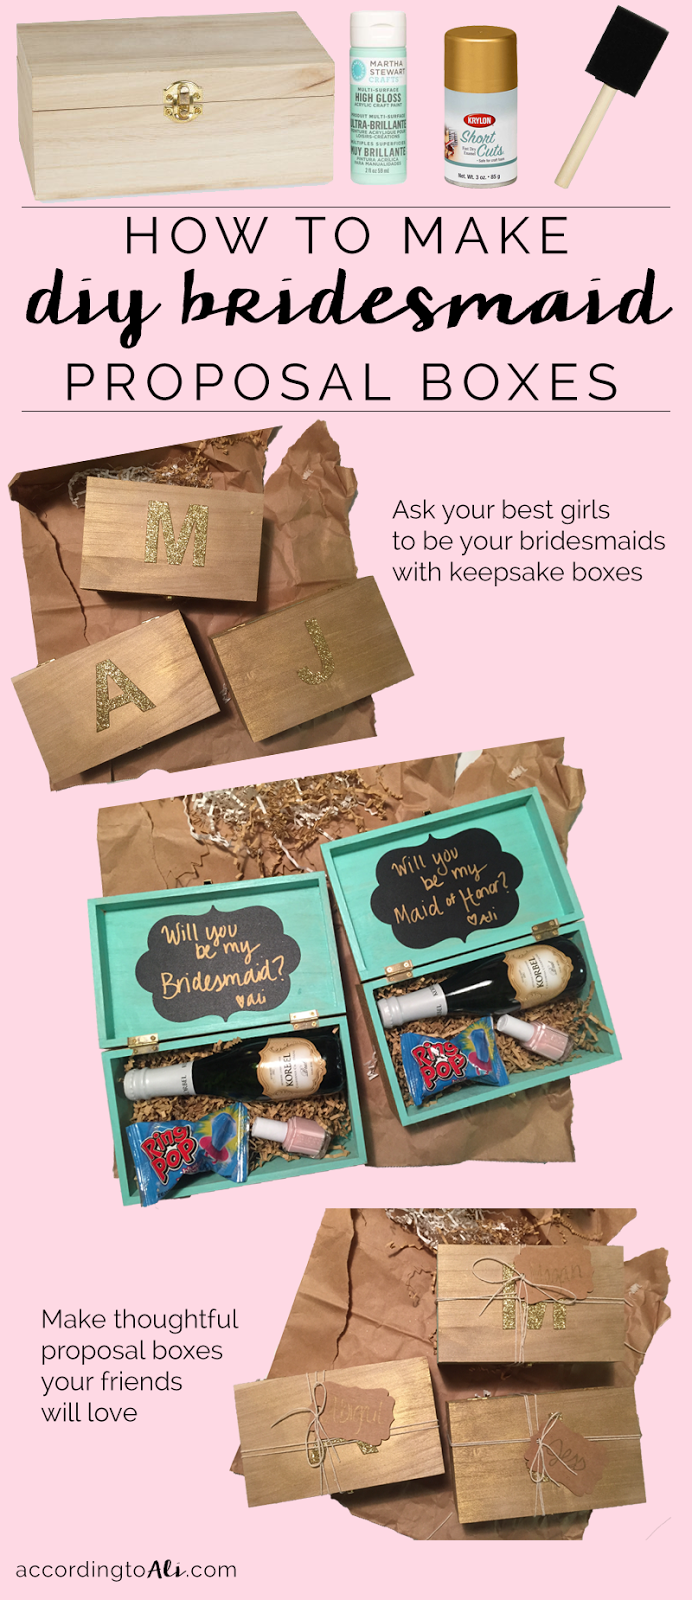 How to Make DIY Bridesmaid Proposal Boxes